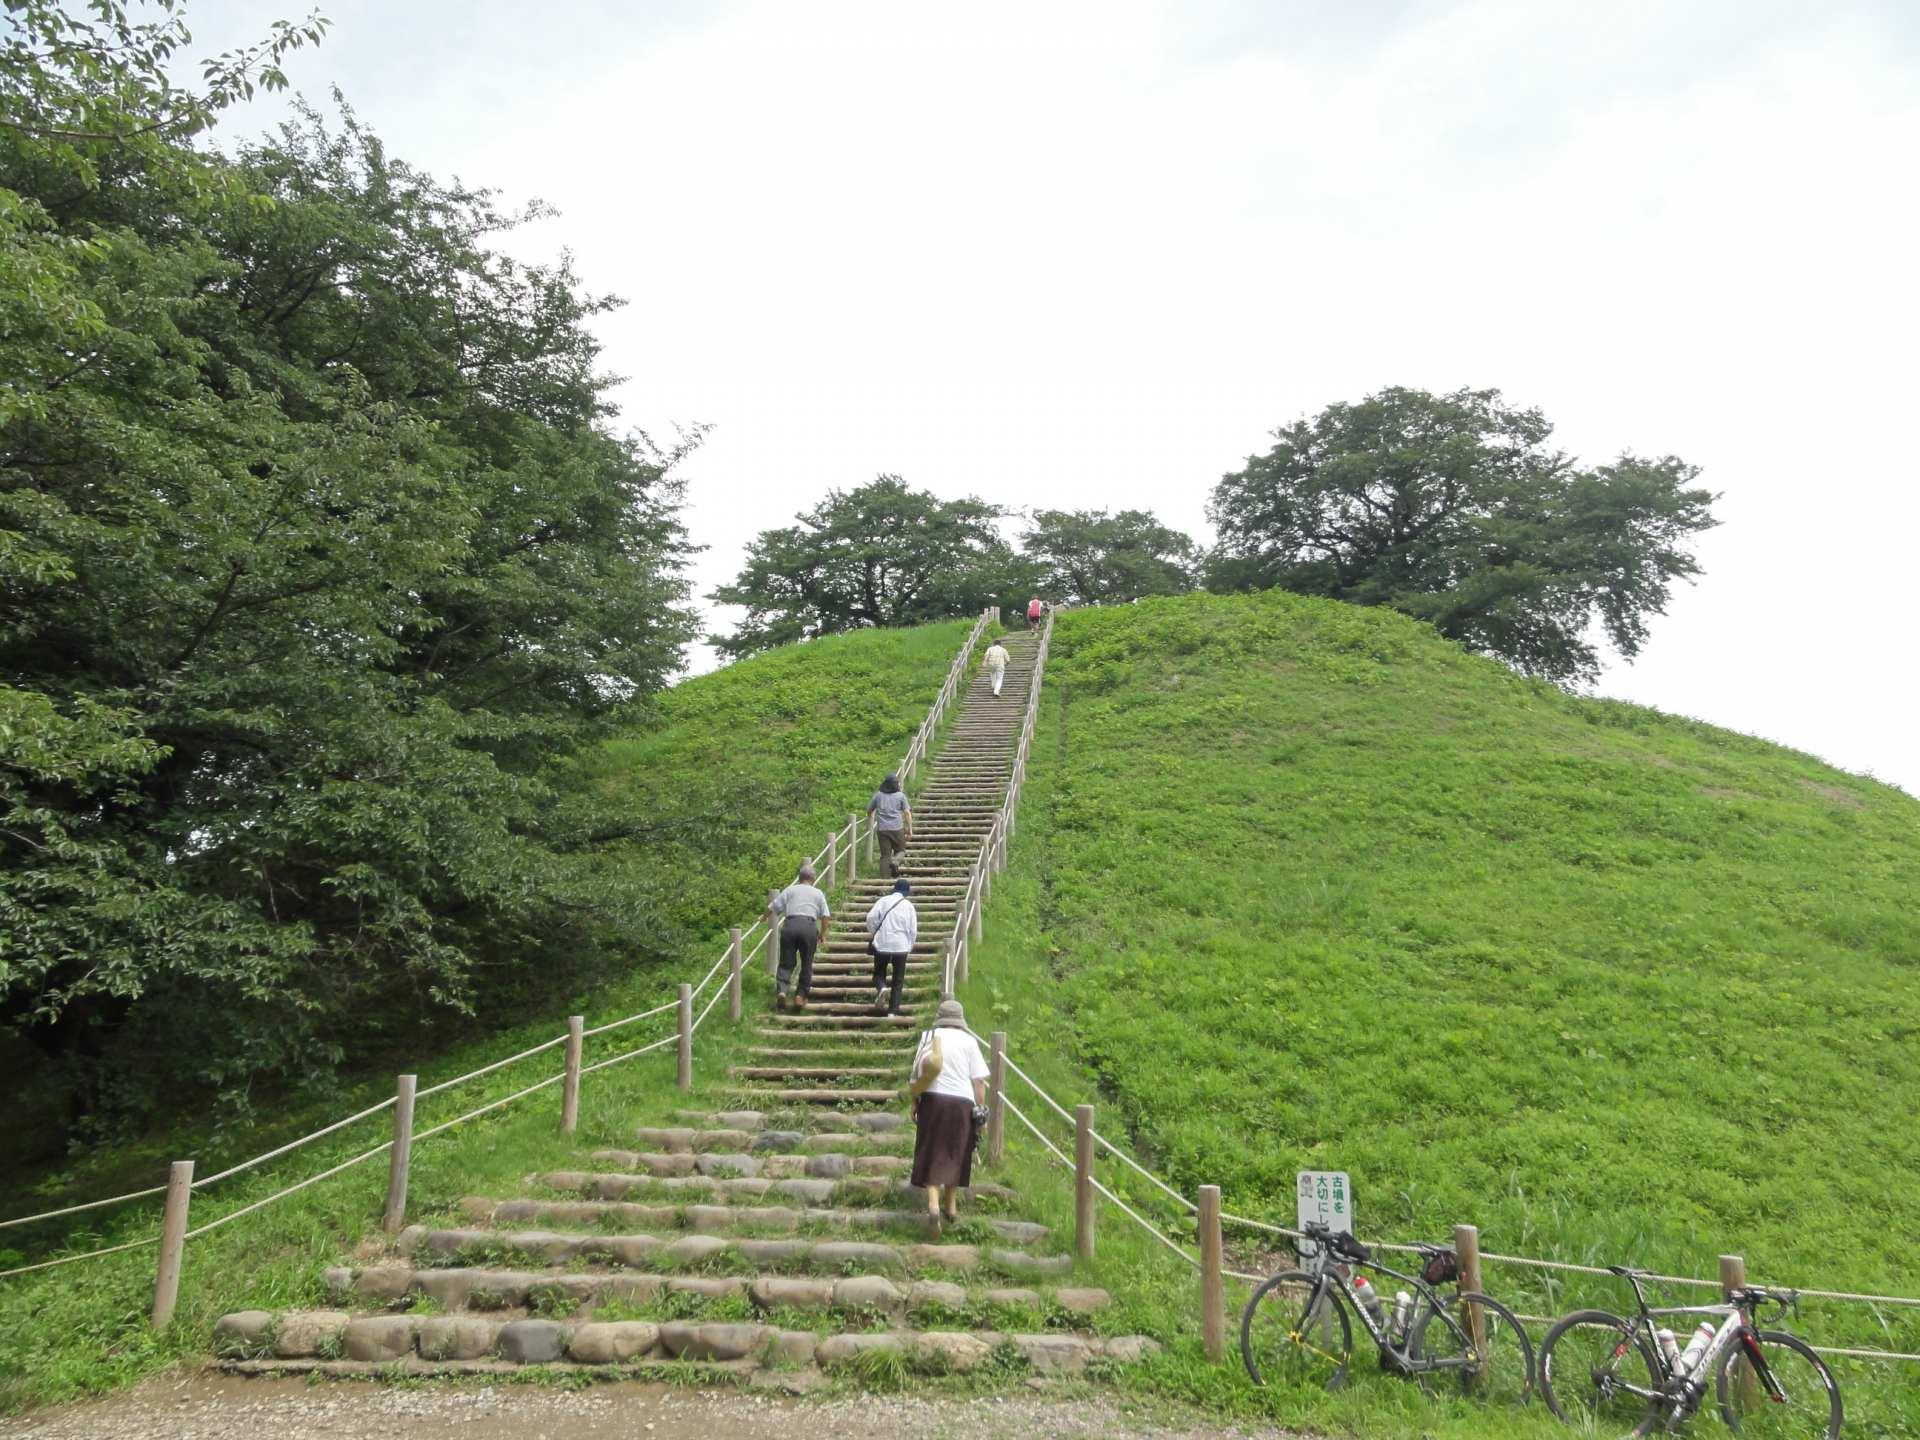 埼玉古墓群公園